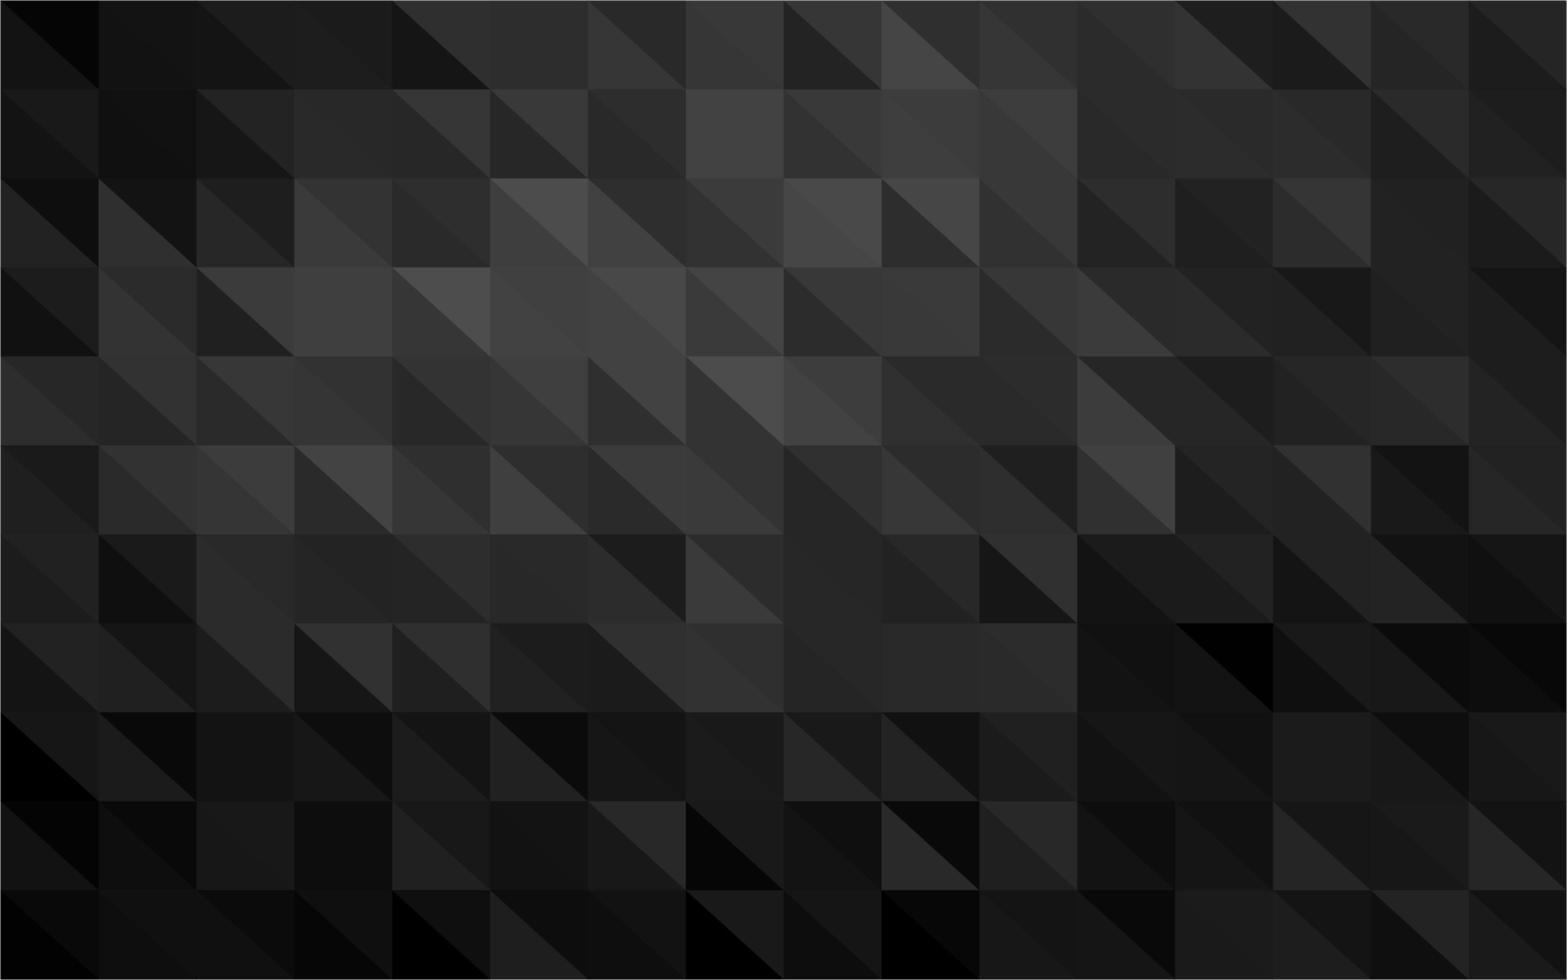 zwarte mozaïekachtergrond vector